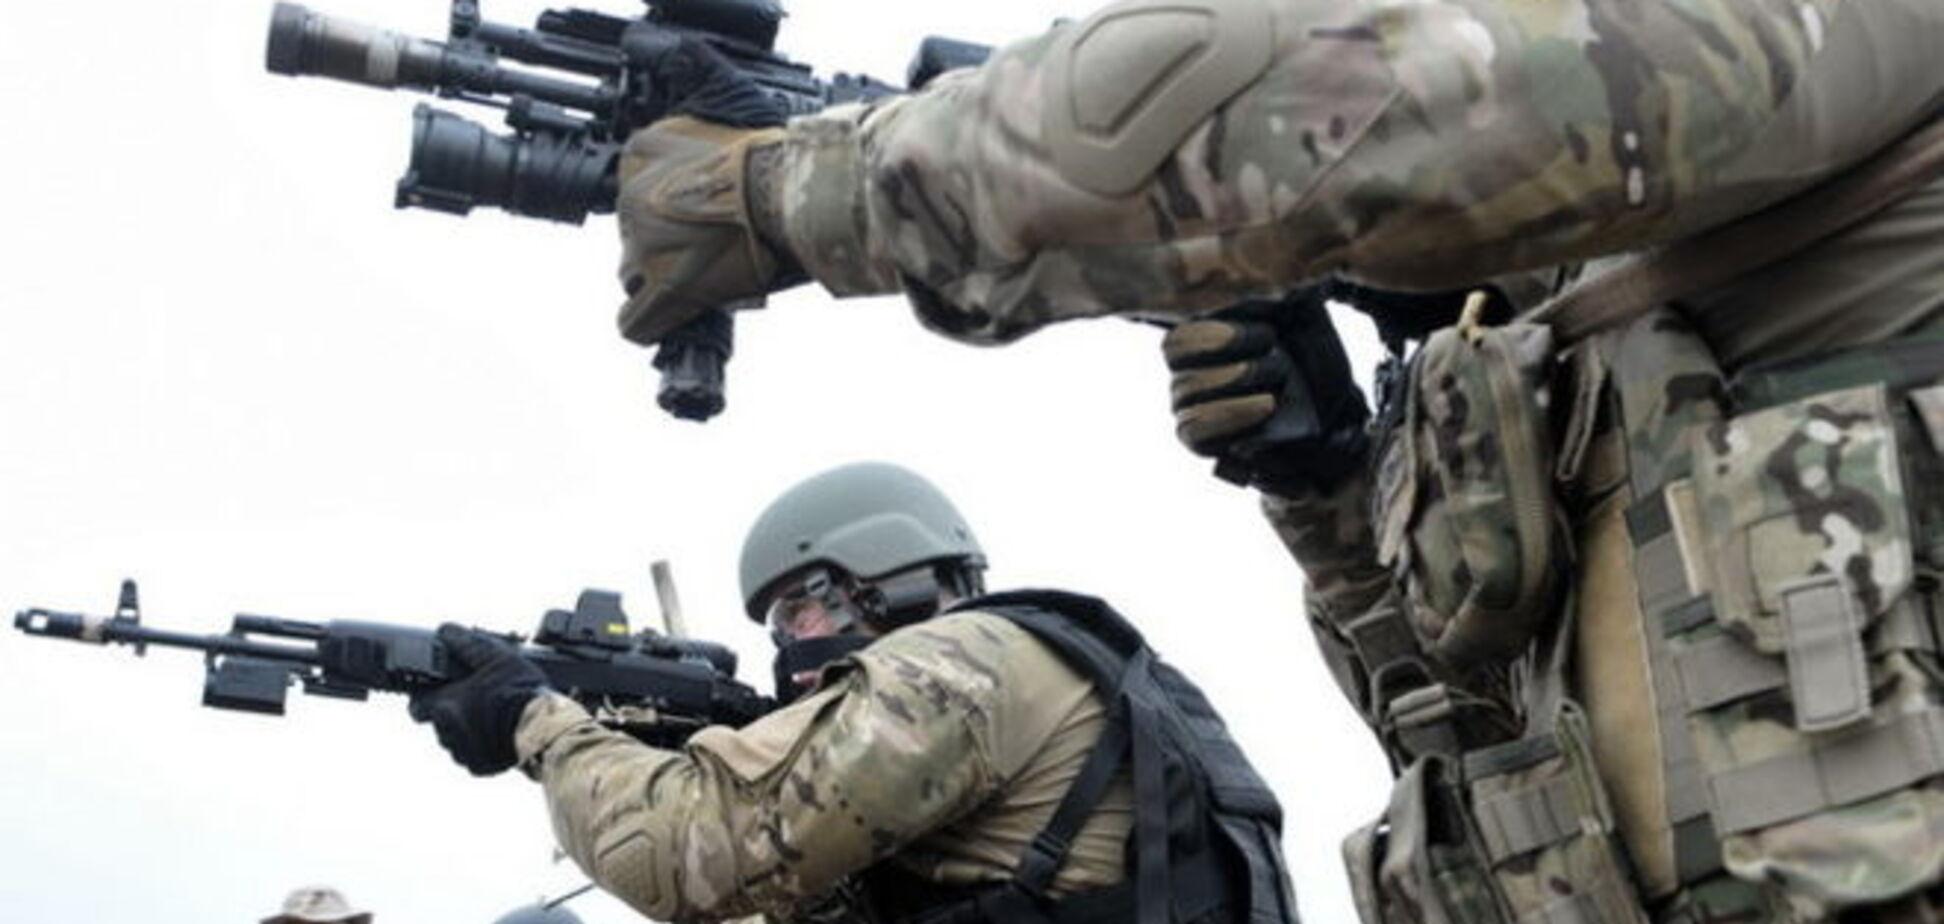 Из Абхазии в Луганск перебросили подразделение спецназа России